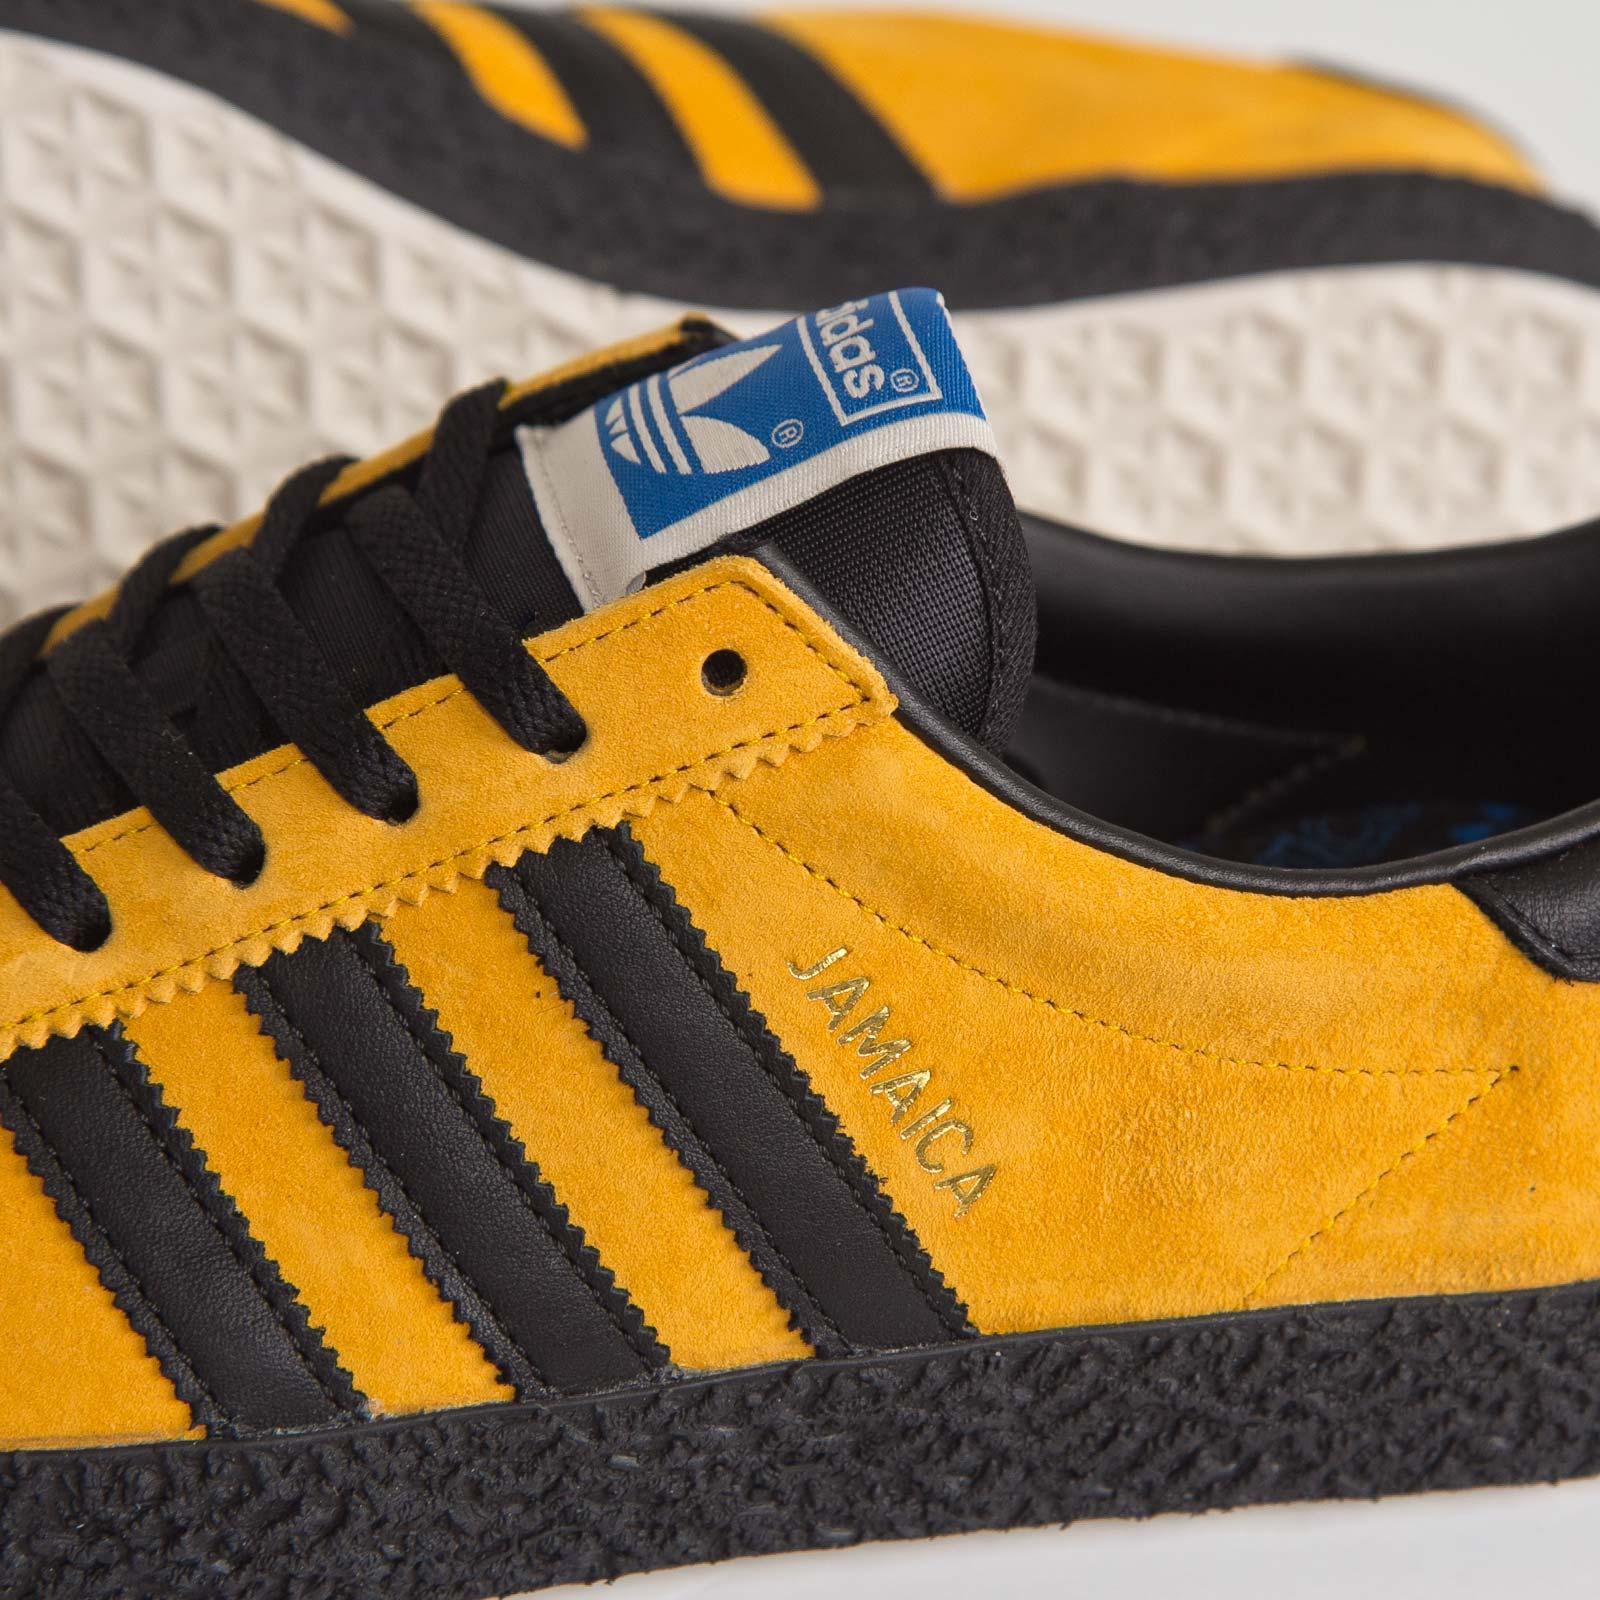 Adidas B26386 B26386 Adidas B26386 Adidas Streetwear Jamaica Jamaica Jamaica SneakersnstuffSneakersamp; SneakersnstuffSneakersamp; Streetwear w0Xnk8OP